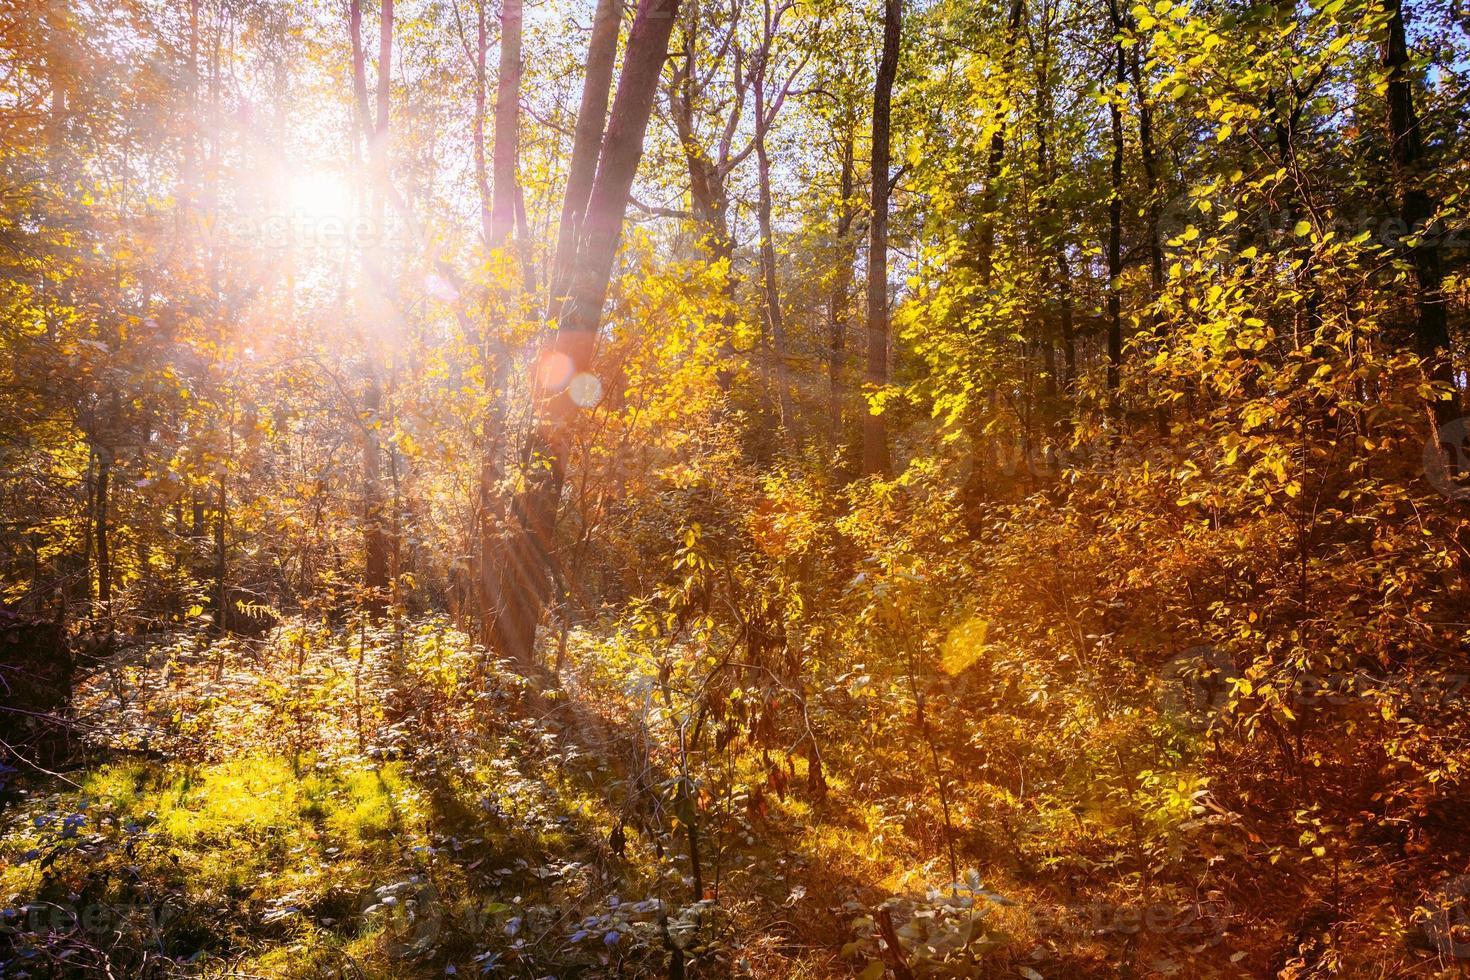 zonnige dag in de herfst zonnige bosbomen. natuurbossen, zonlicht foto